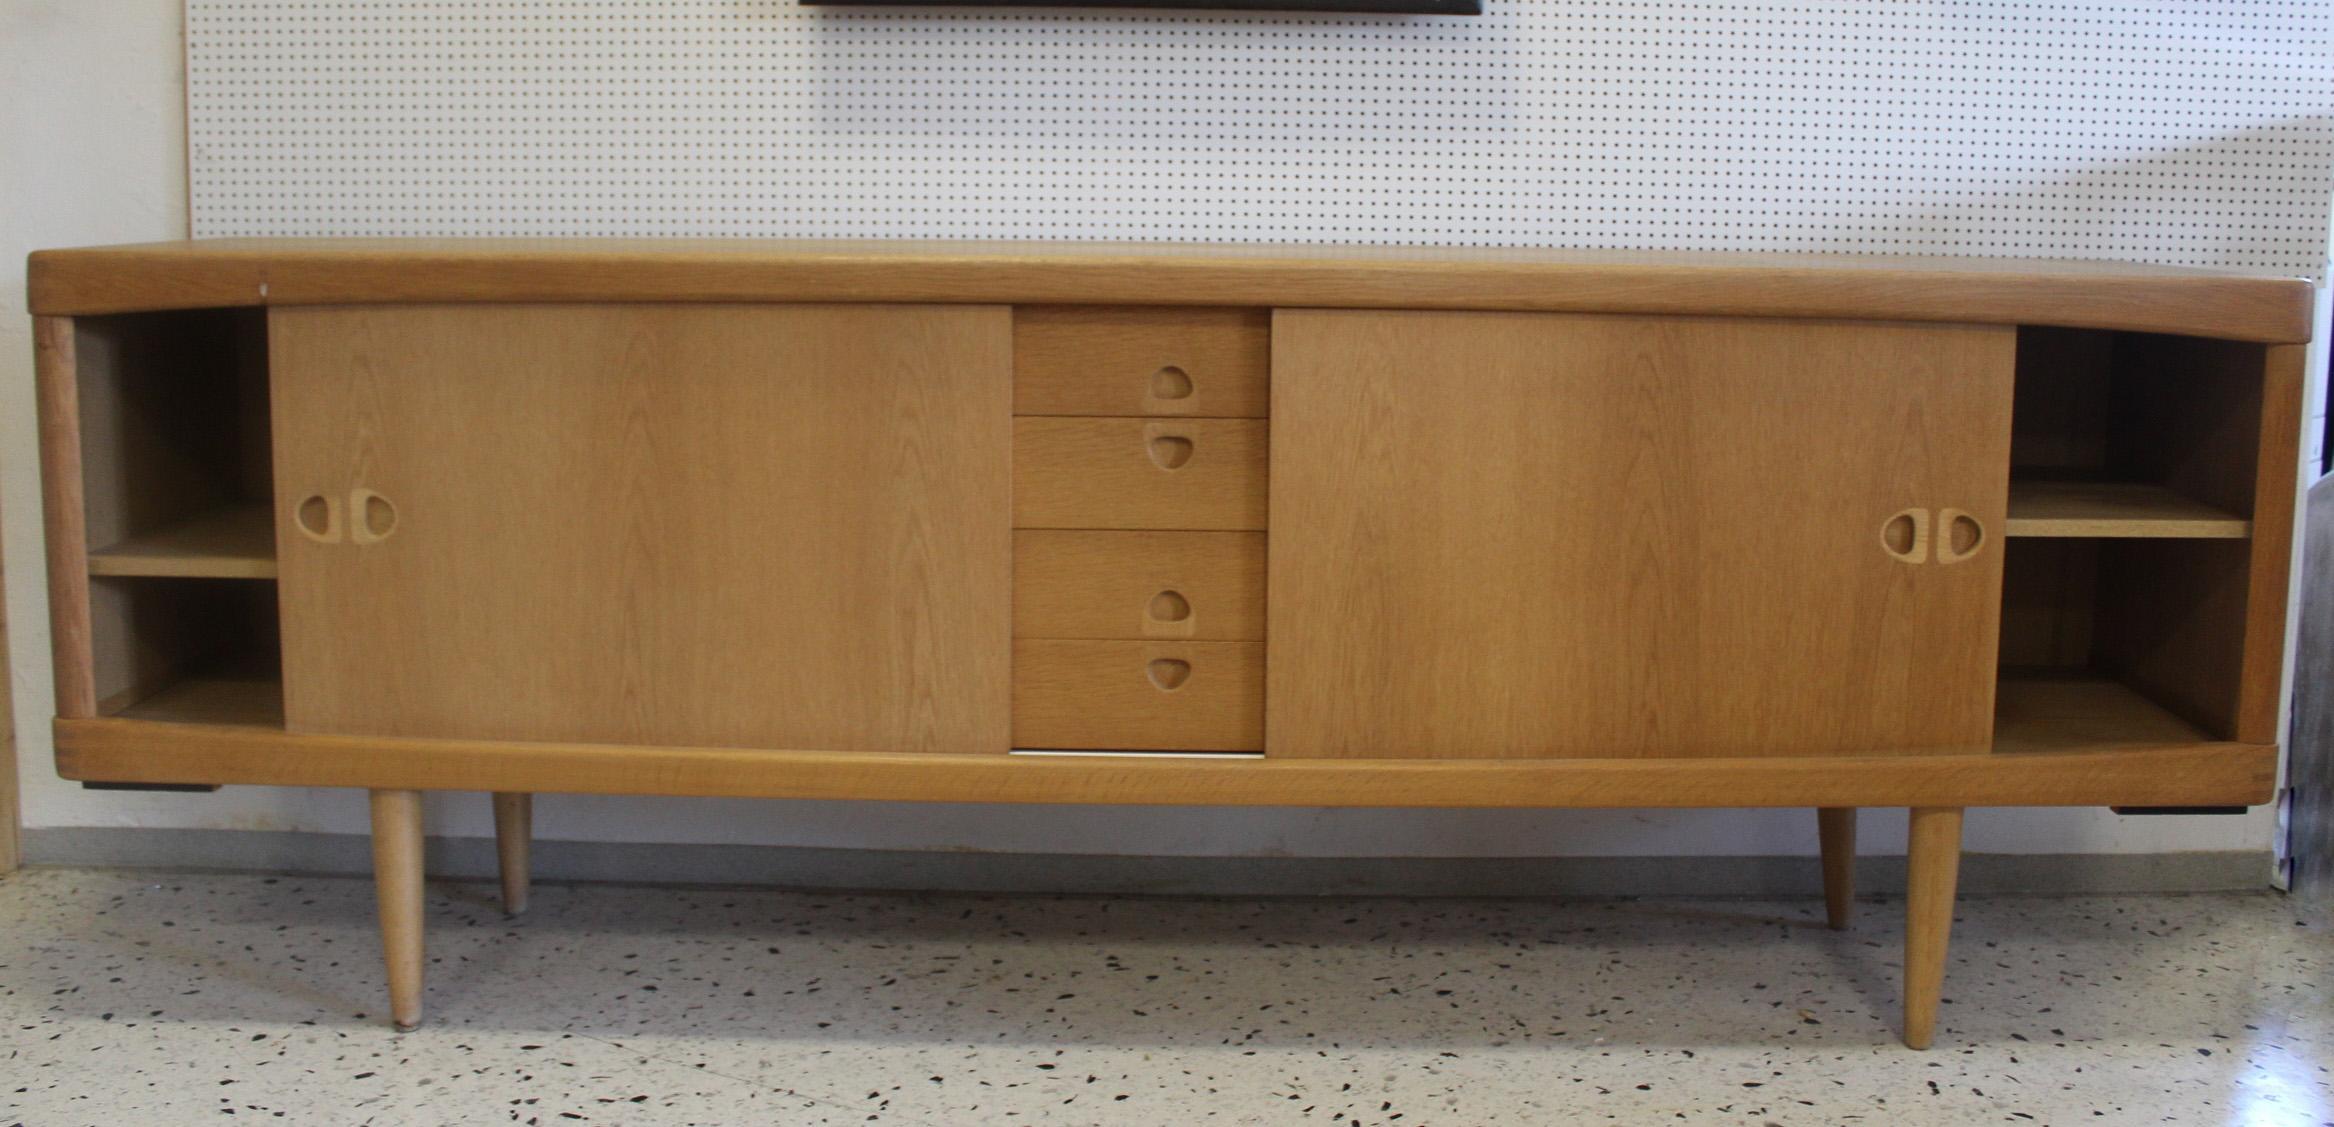 Dänische Designer-Sideboard, Hersteller Bramin-2